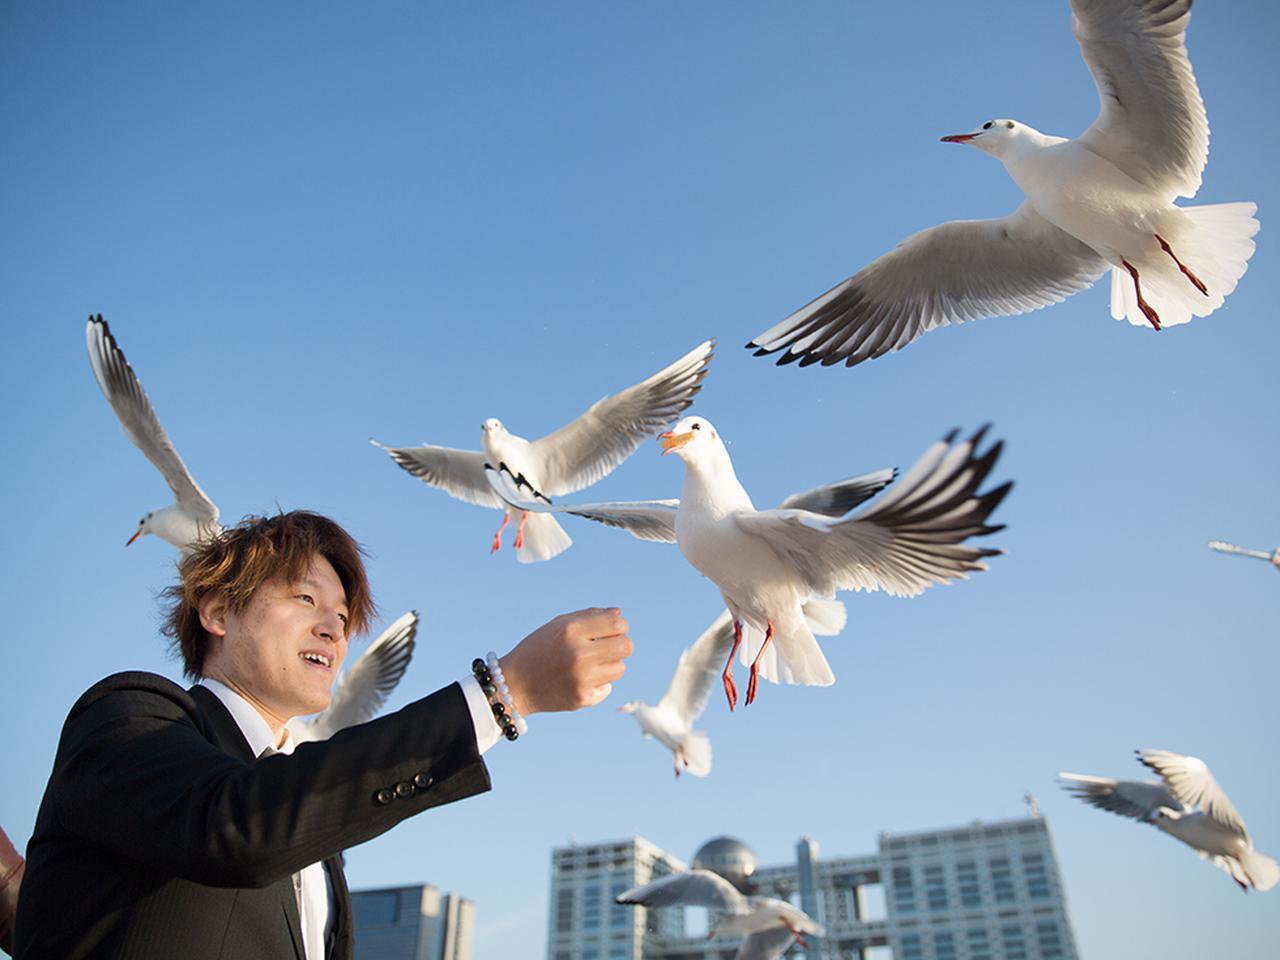 画像: 残された方々が笑顔で新しいスタートを切れるように、との想いから、帰路では羽田空港近くで飛行機の離発着を眺めたり、カモメに餌をあげたりするお楽しみも